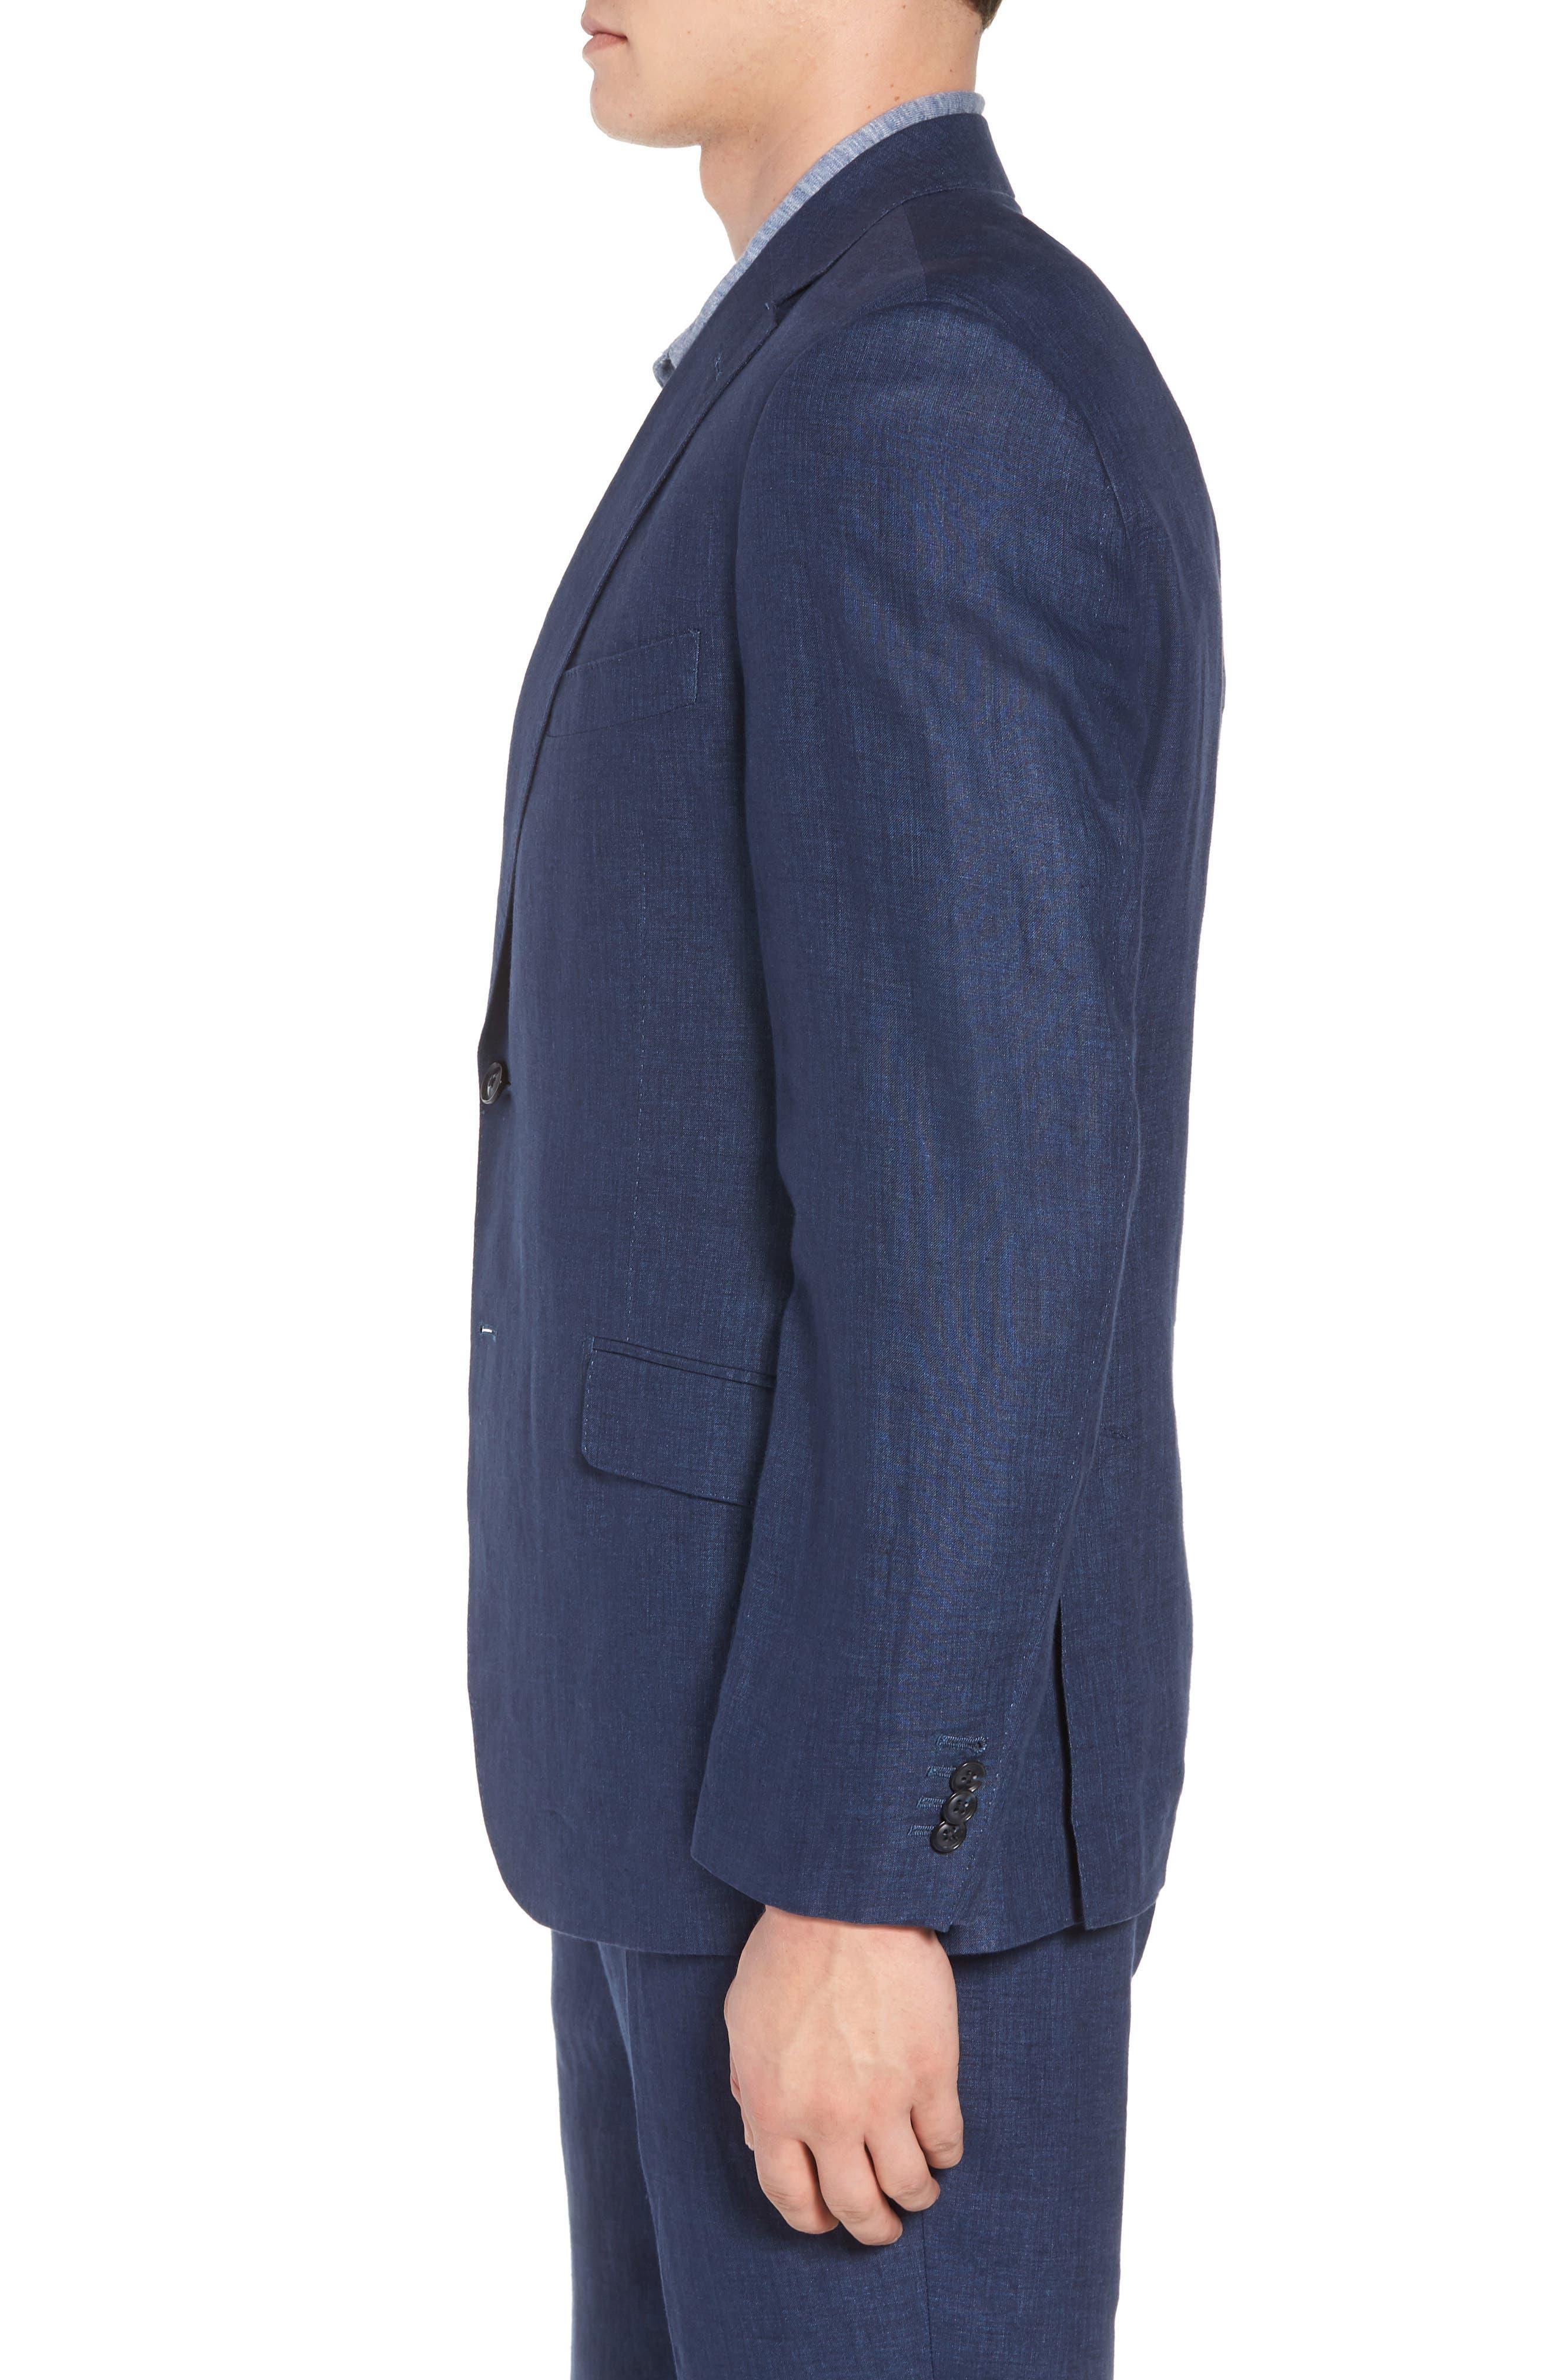 Jack AIM Classic Fit Linen Blazer,                             Alternate thumbnail 3, color,                             NAVY